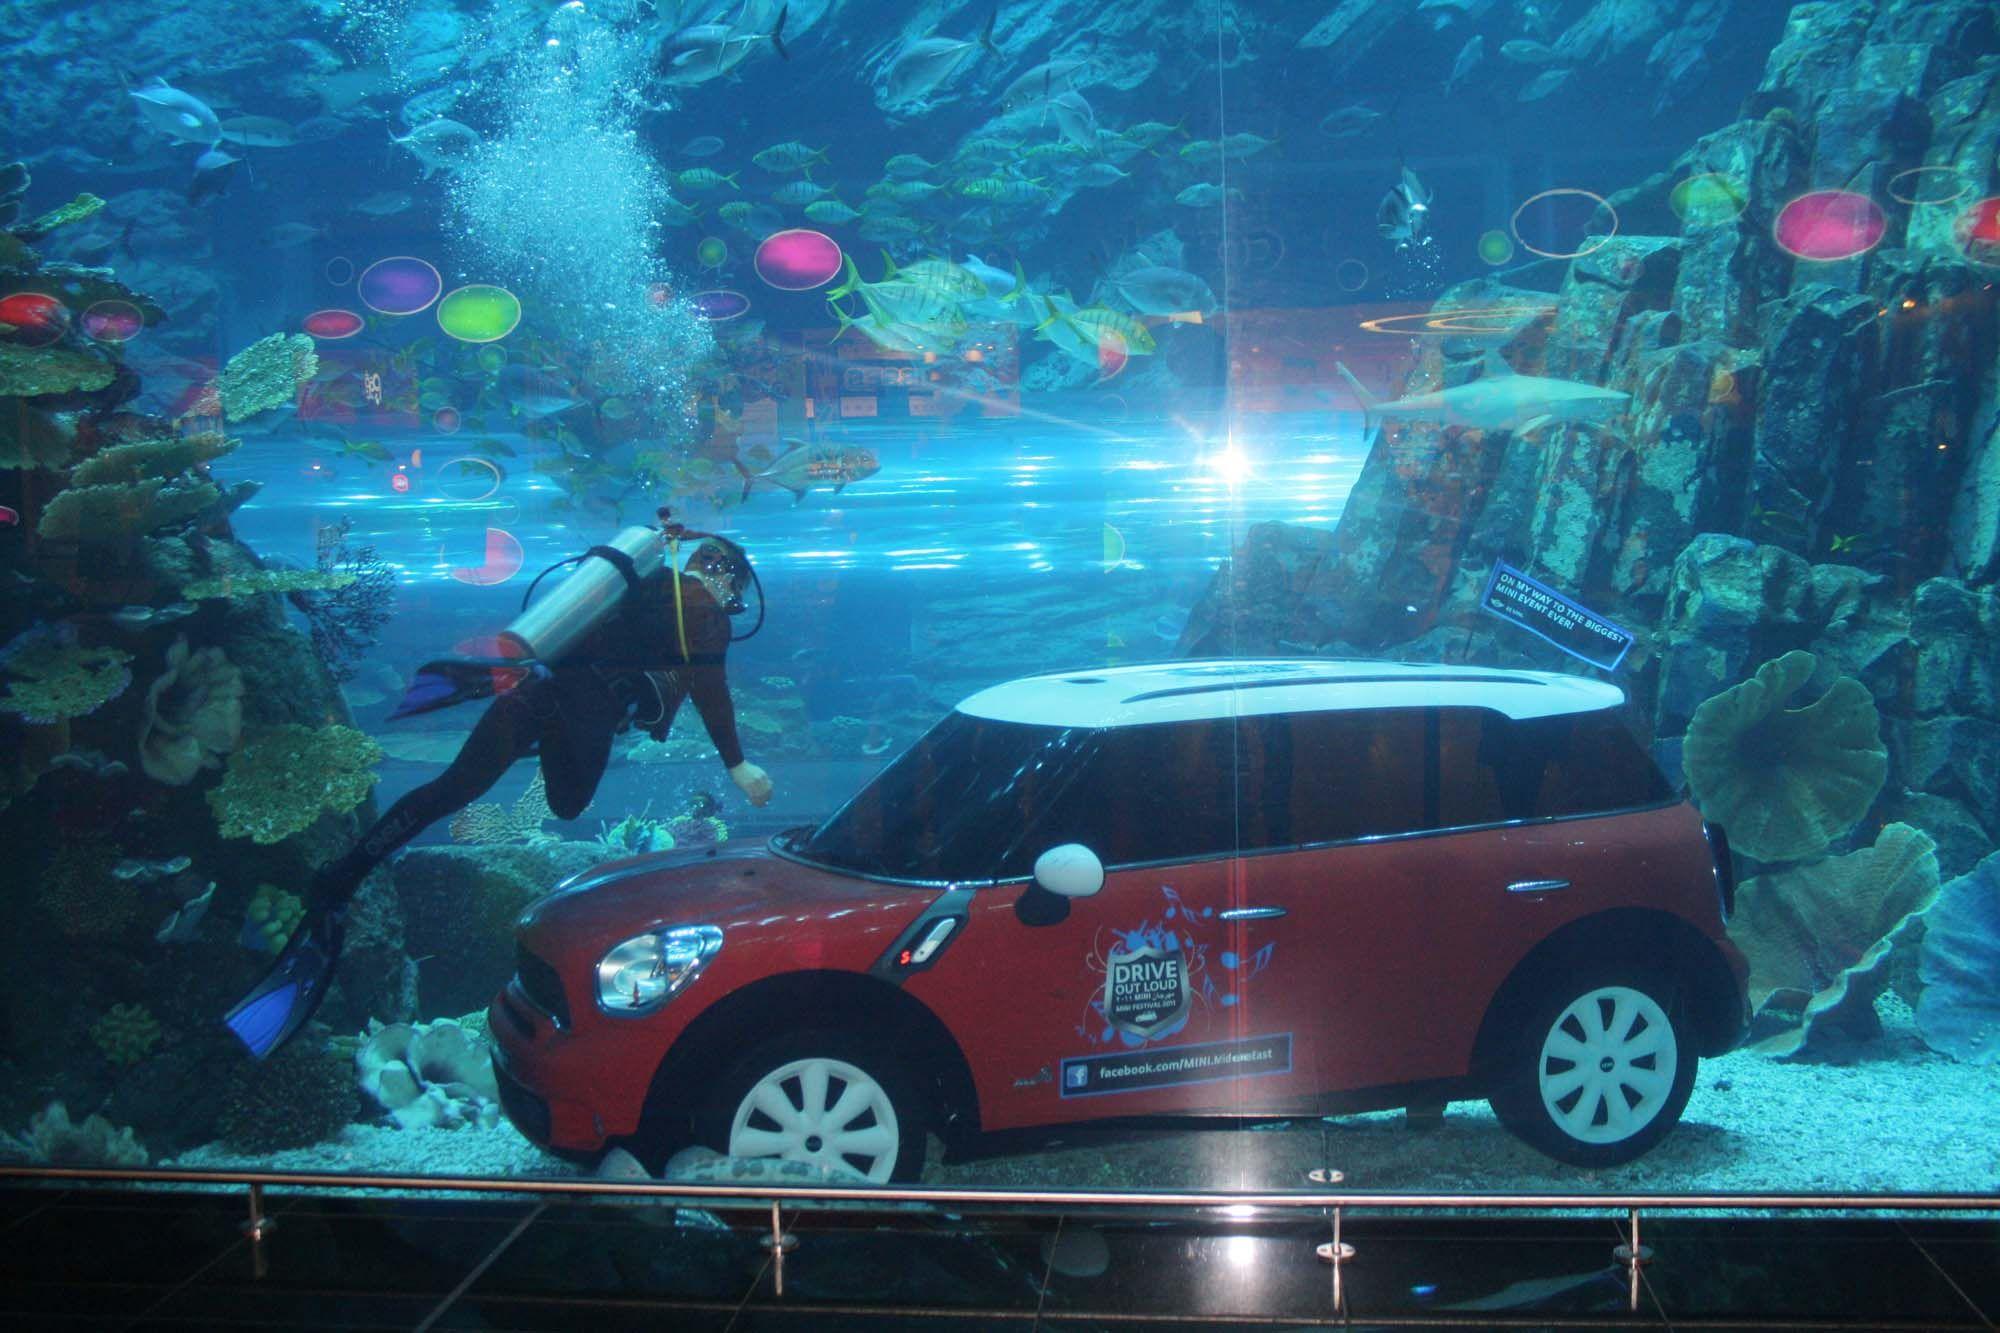 Dubai underwater zoo dubai aquarium and underwater zoo shocking world